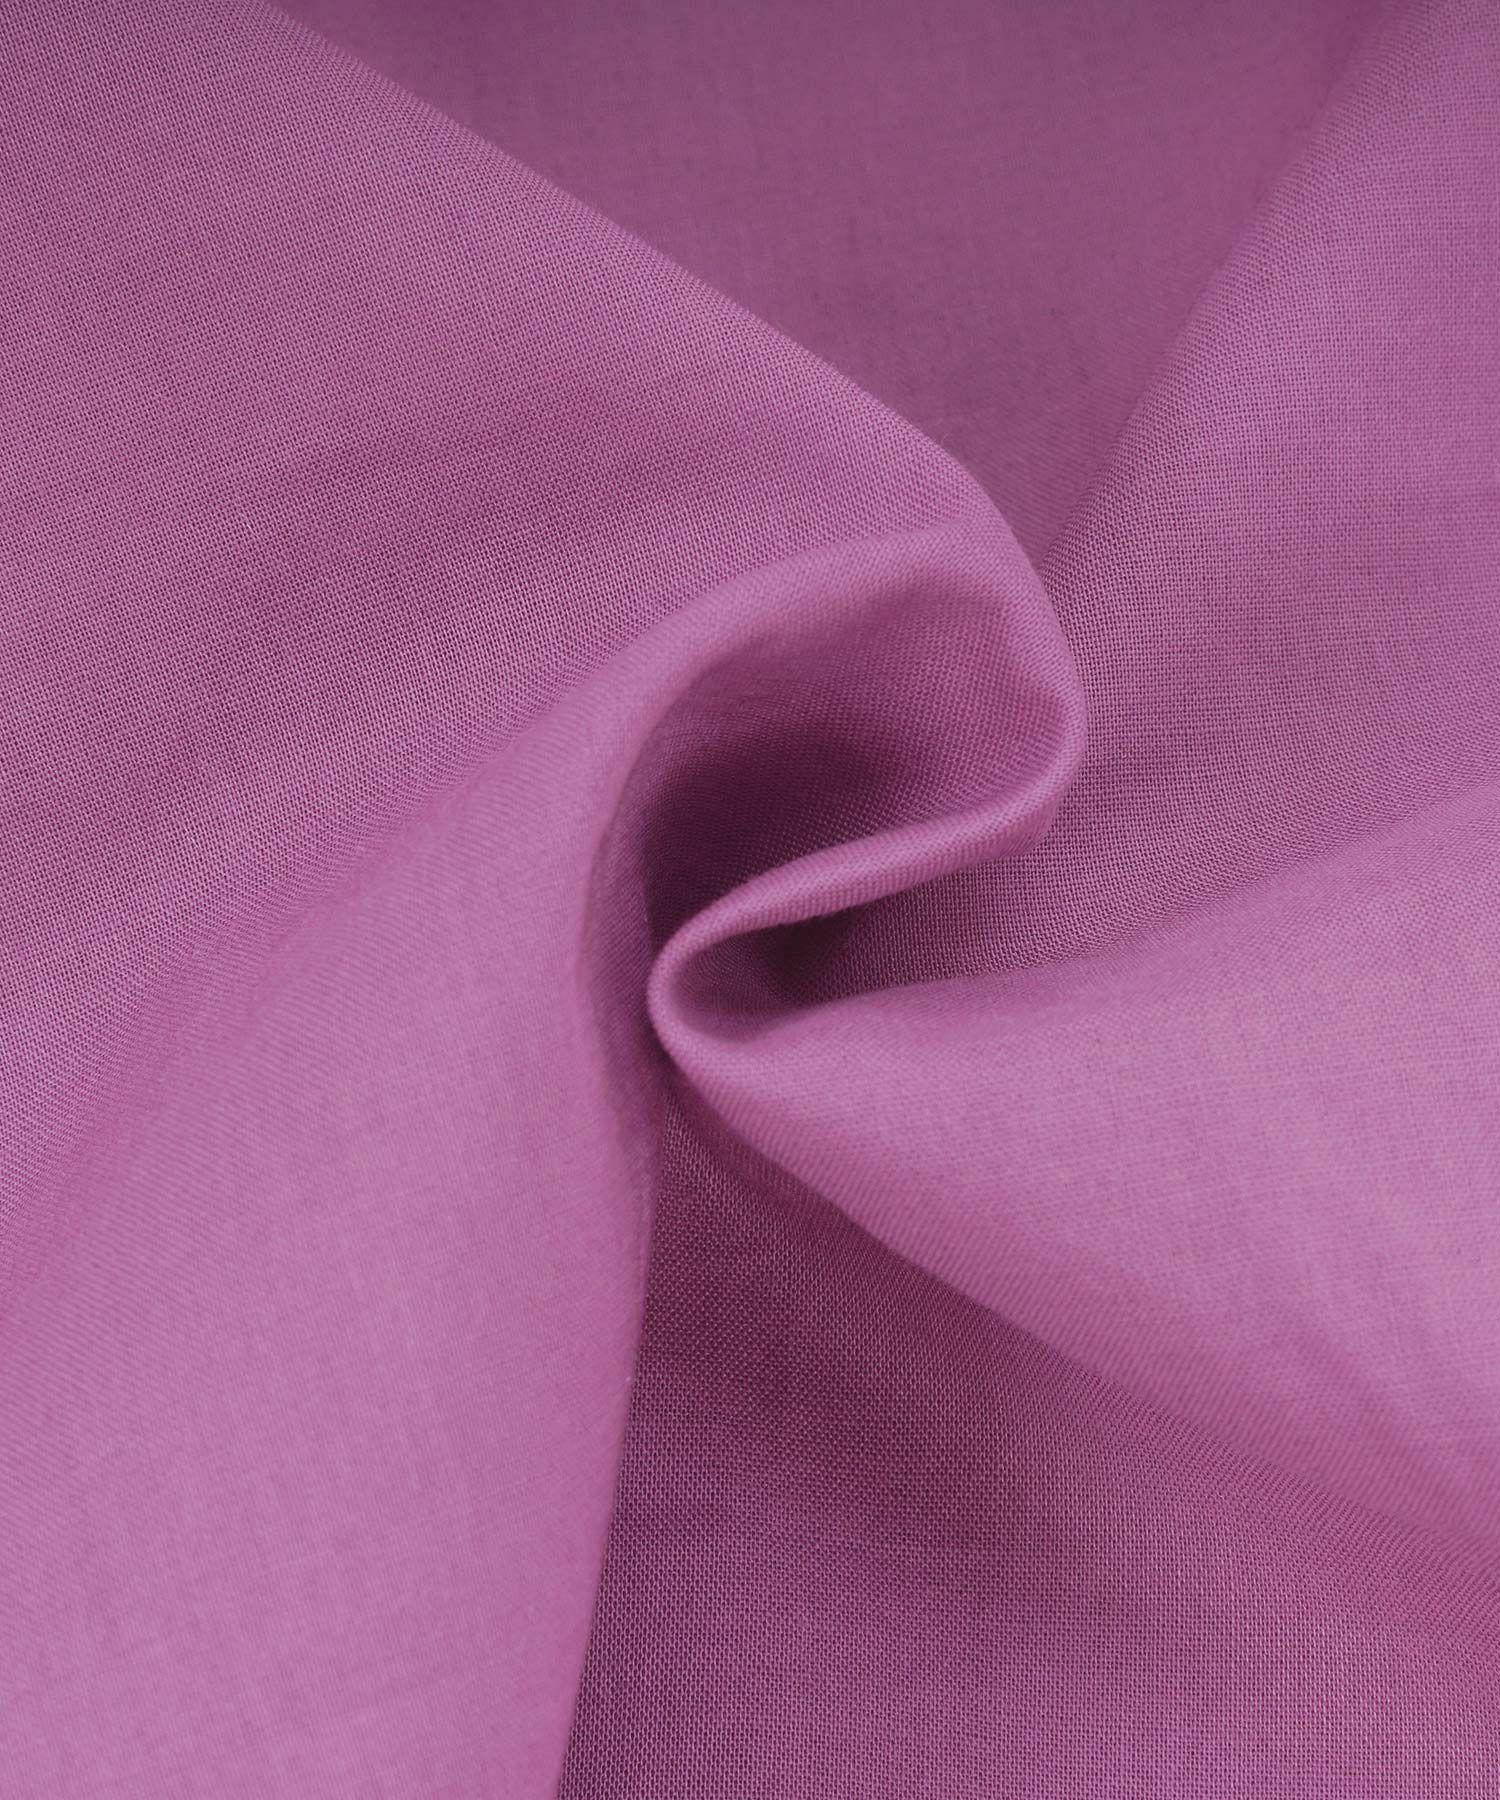 日本製/手洗い可/ロング/ウエストゴム/セットアップ対応/ワンピース風/ホワイト/ネイビー/花柄/ナチュラル/ギャザースカート/ロングスカート/裏地付き